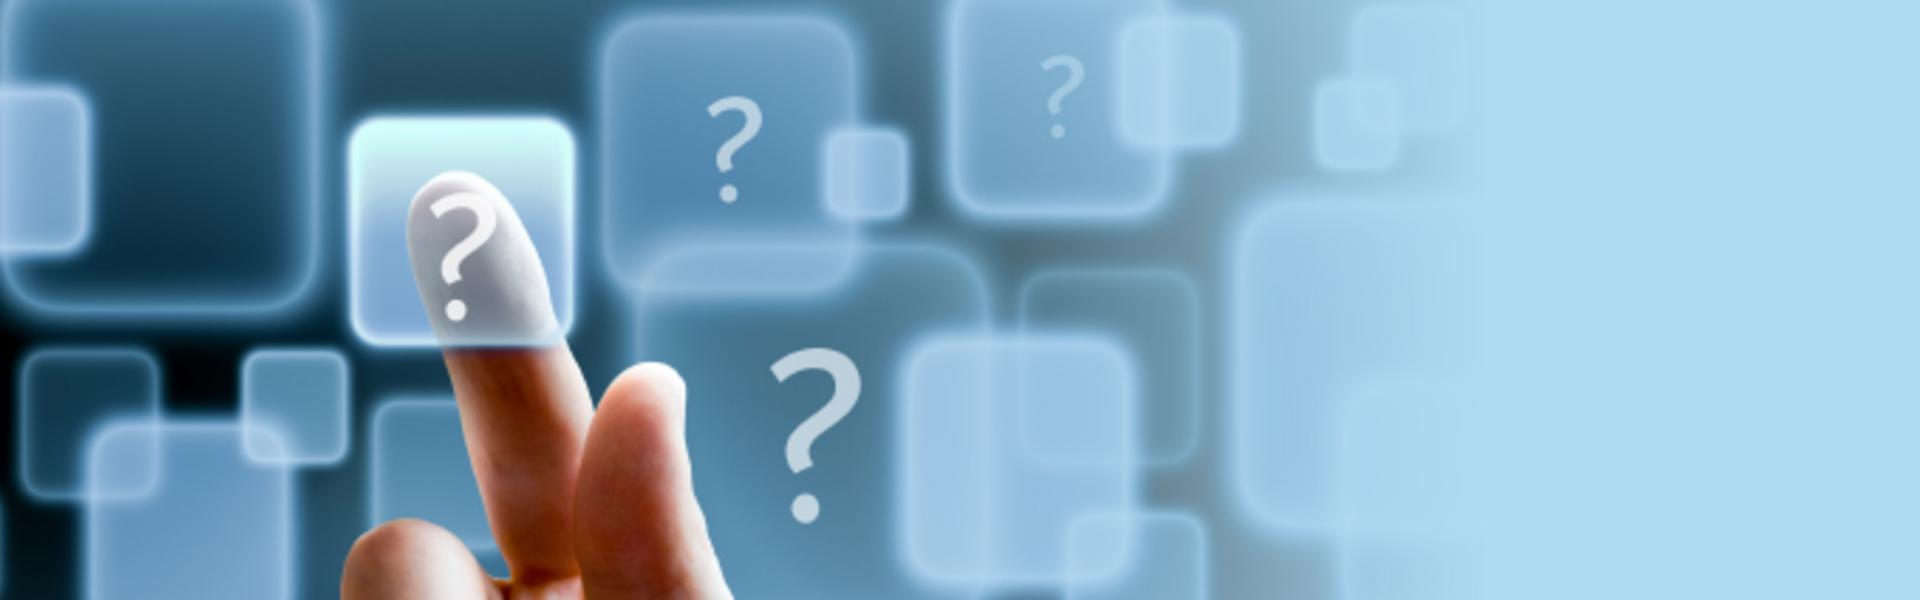 cbd faq, cannabidiol faq, questions cbd, answers cbd, info cbd, info cannabidiol, information about cbd